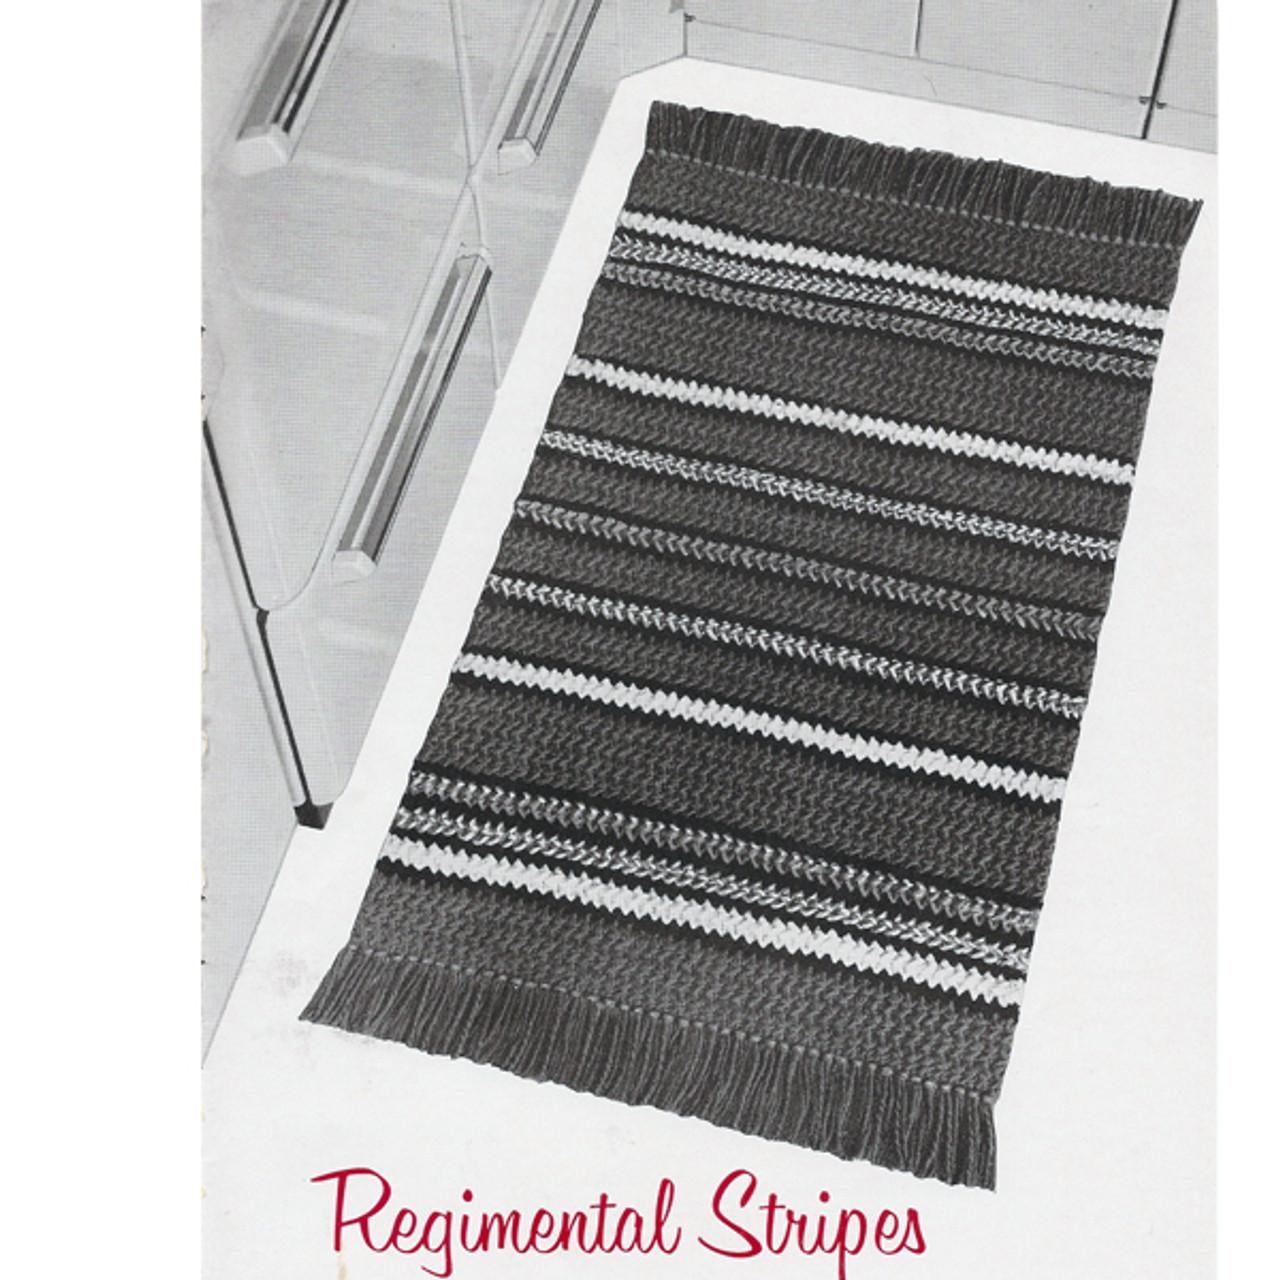 Long Striped Crochet Rug pattern